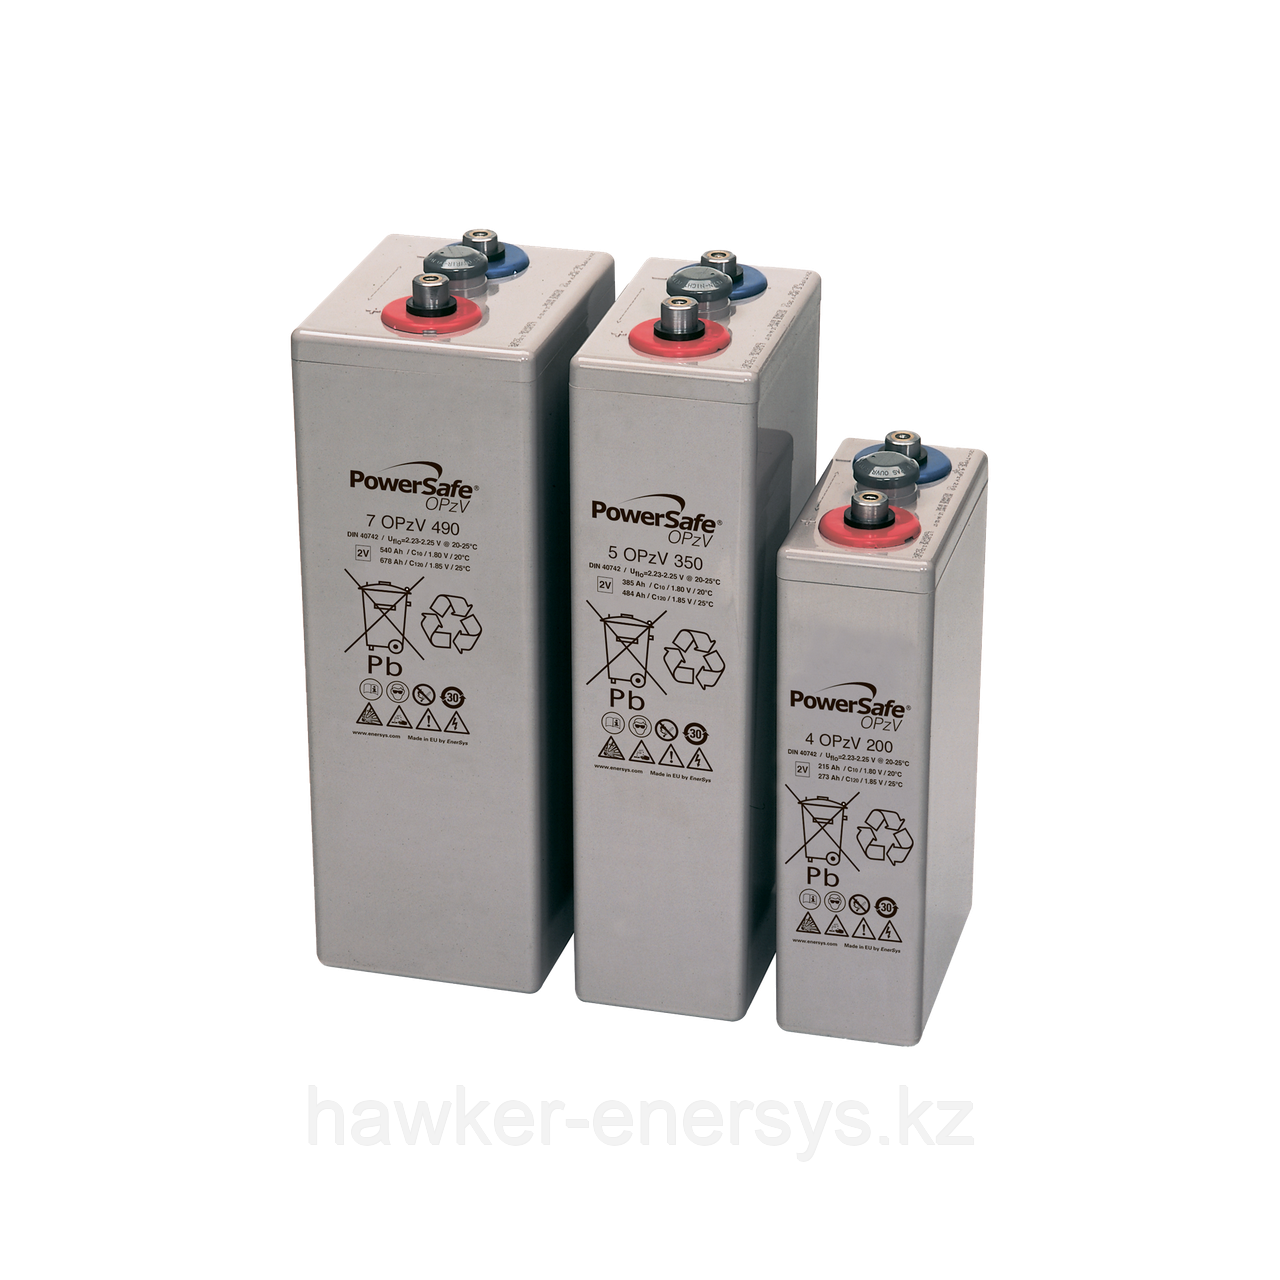 Гелевая батарея PowerSafe 5 OPzV 250 (265Ah, GEL)